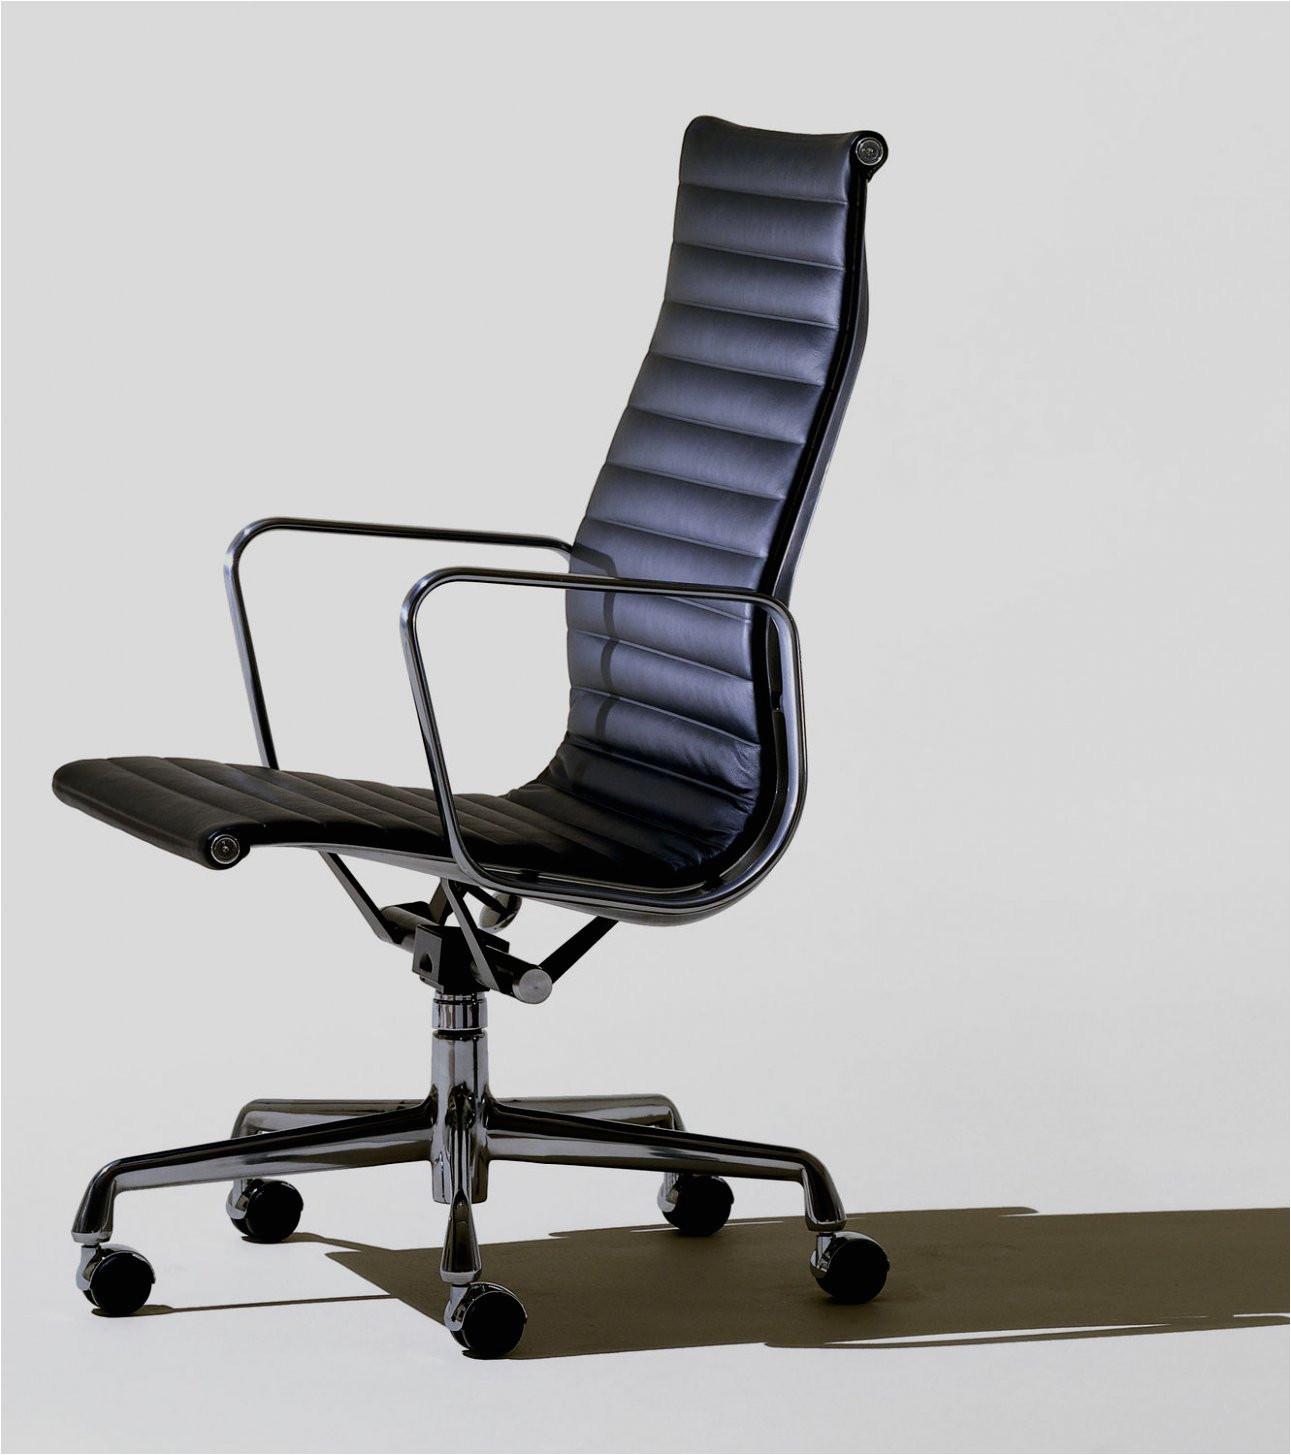 silla de oficina con respaldo alto con reposabrazos